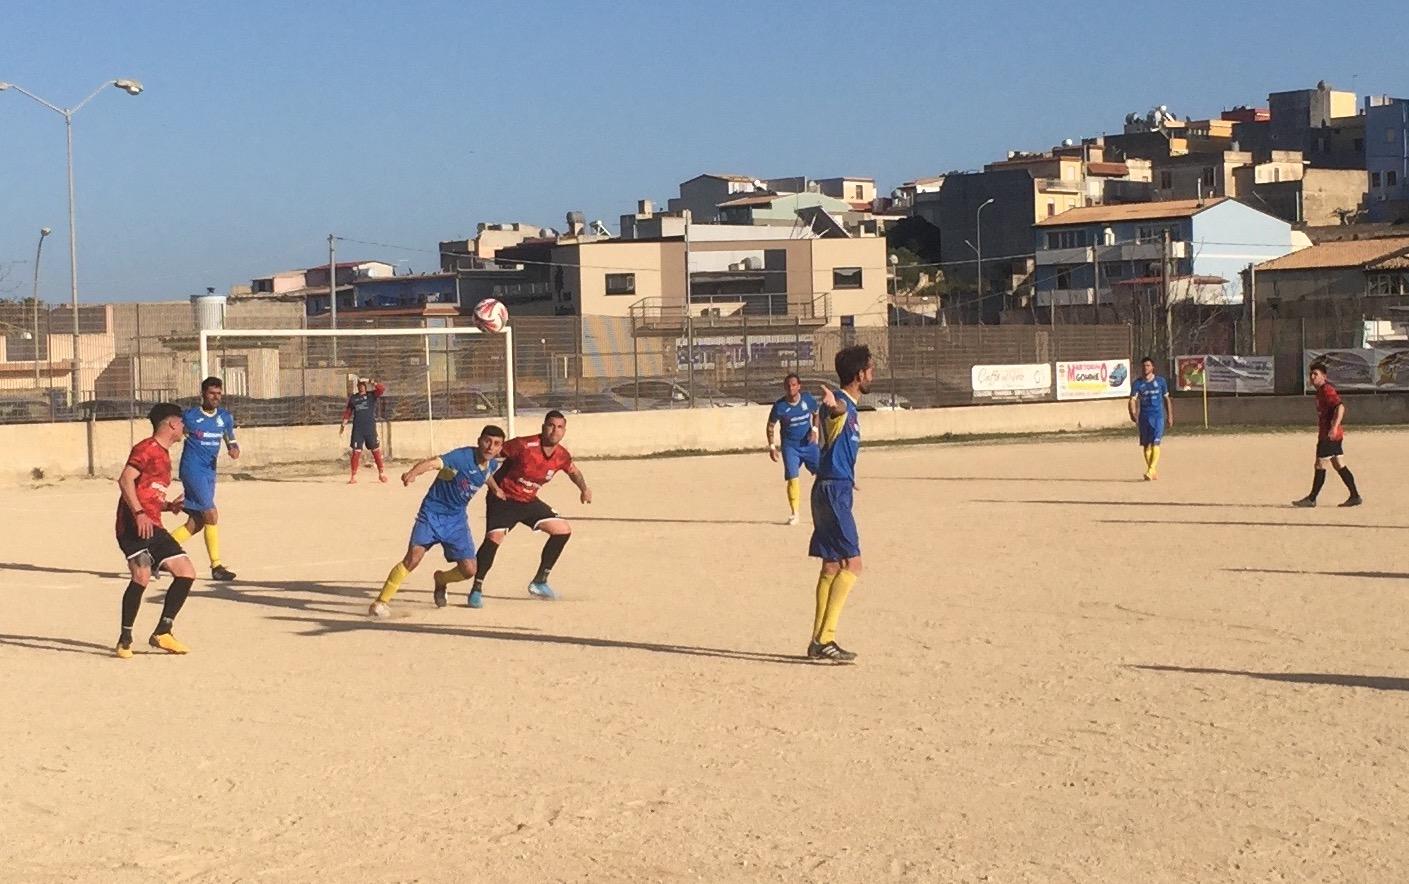 Calcio. Pachino – Città di Francofonte 2-1: gli azzurri vincono e tornano a sorridere